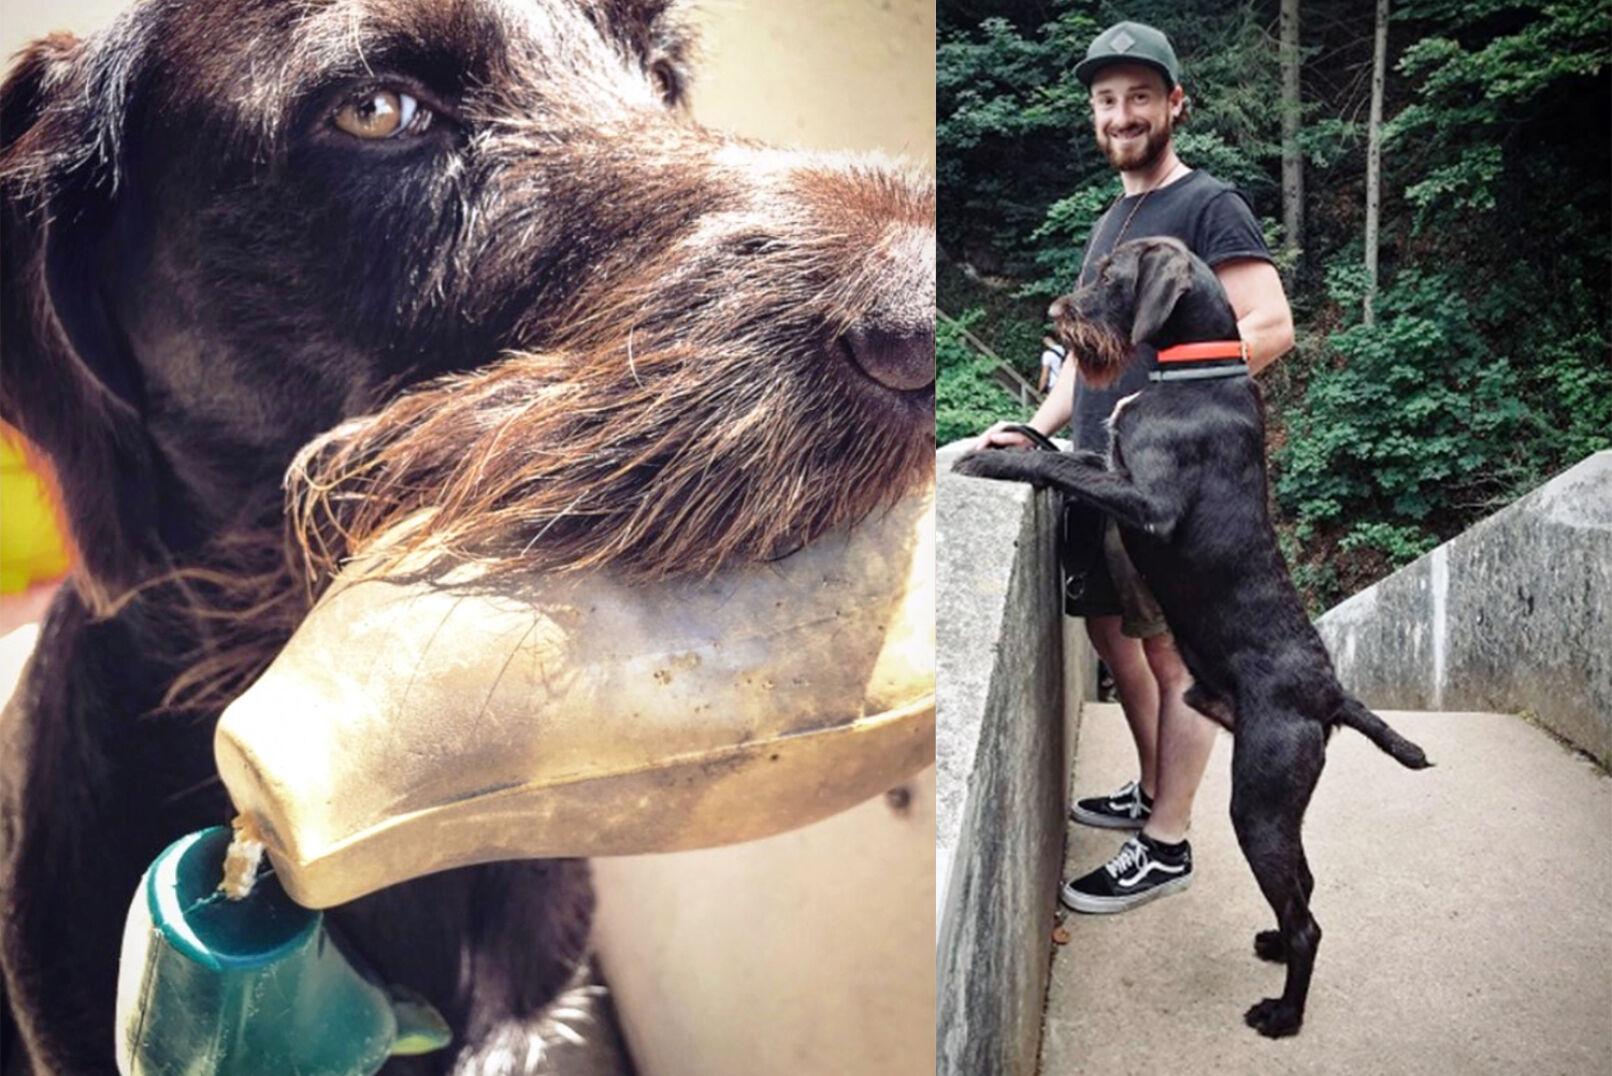 Sebastian übt die Jagd mit seinem Deutsch Drahthaar-Rüden aus. IG: @hunting.places